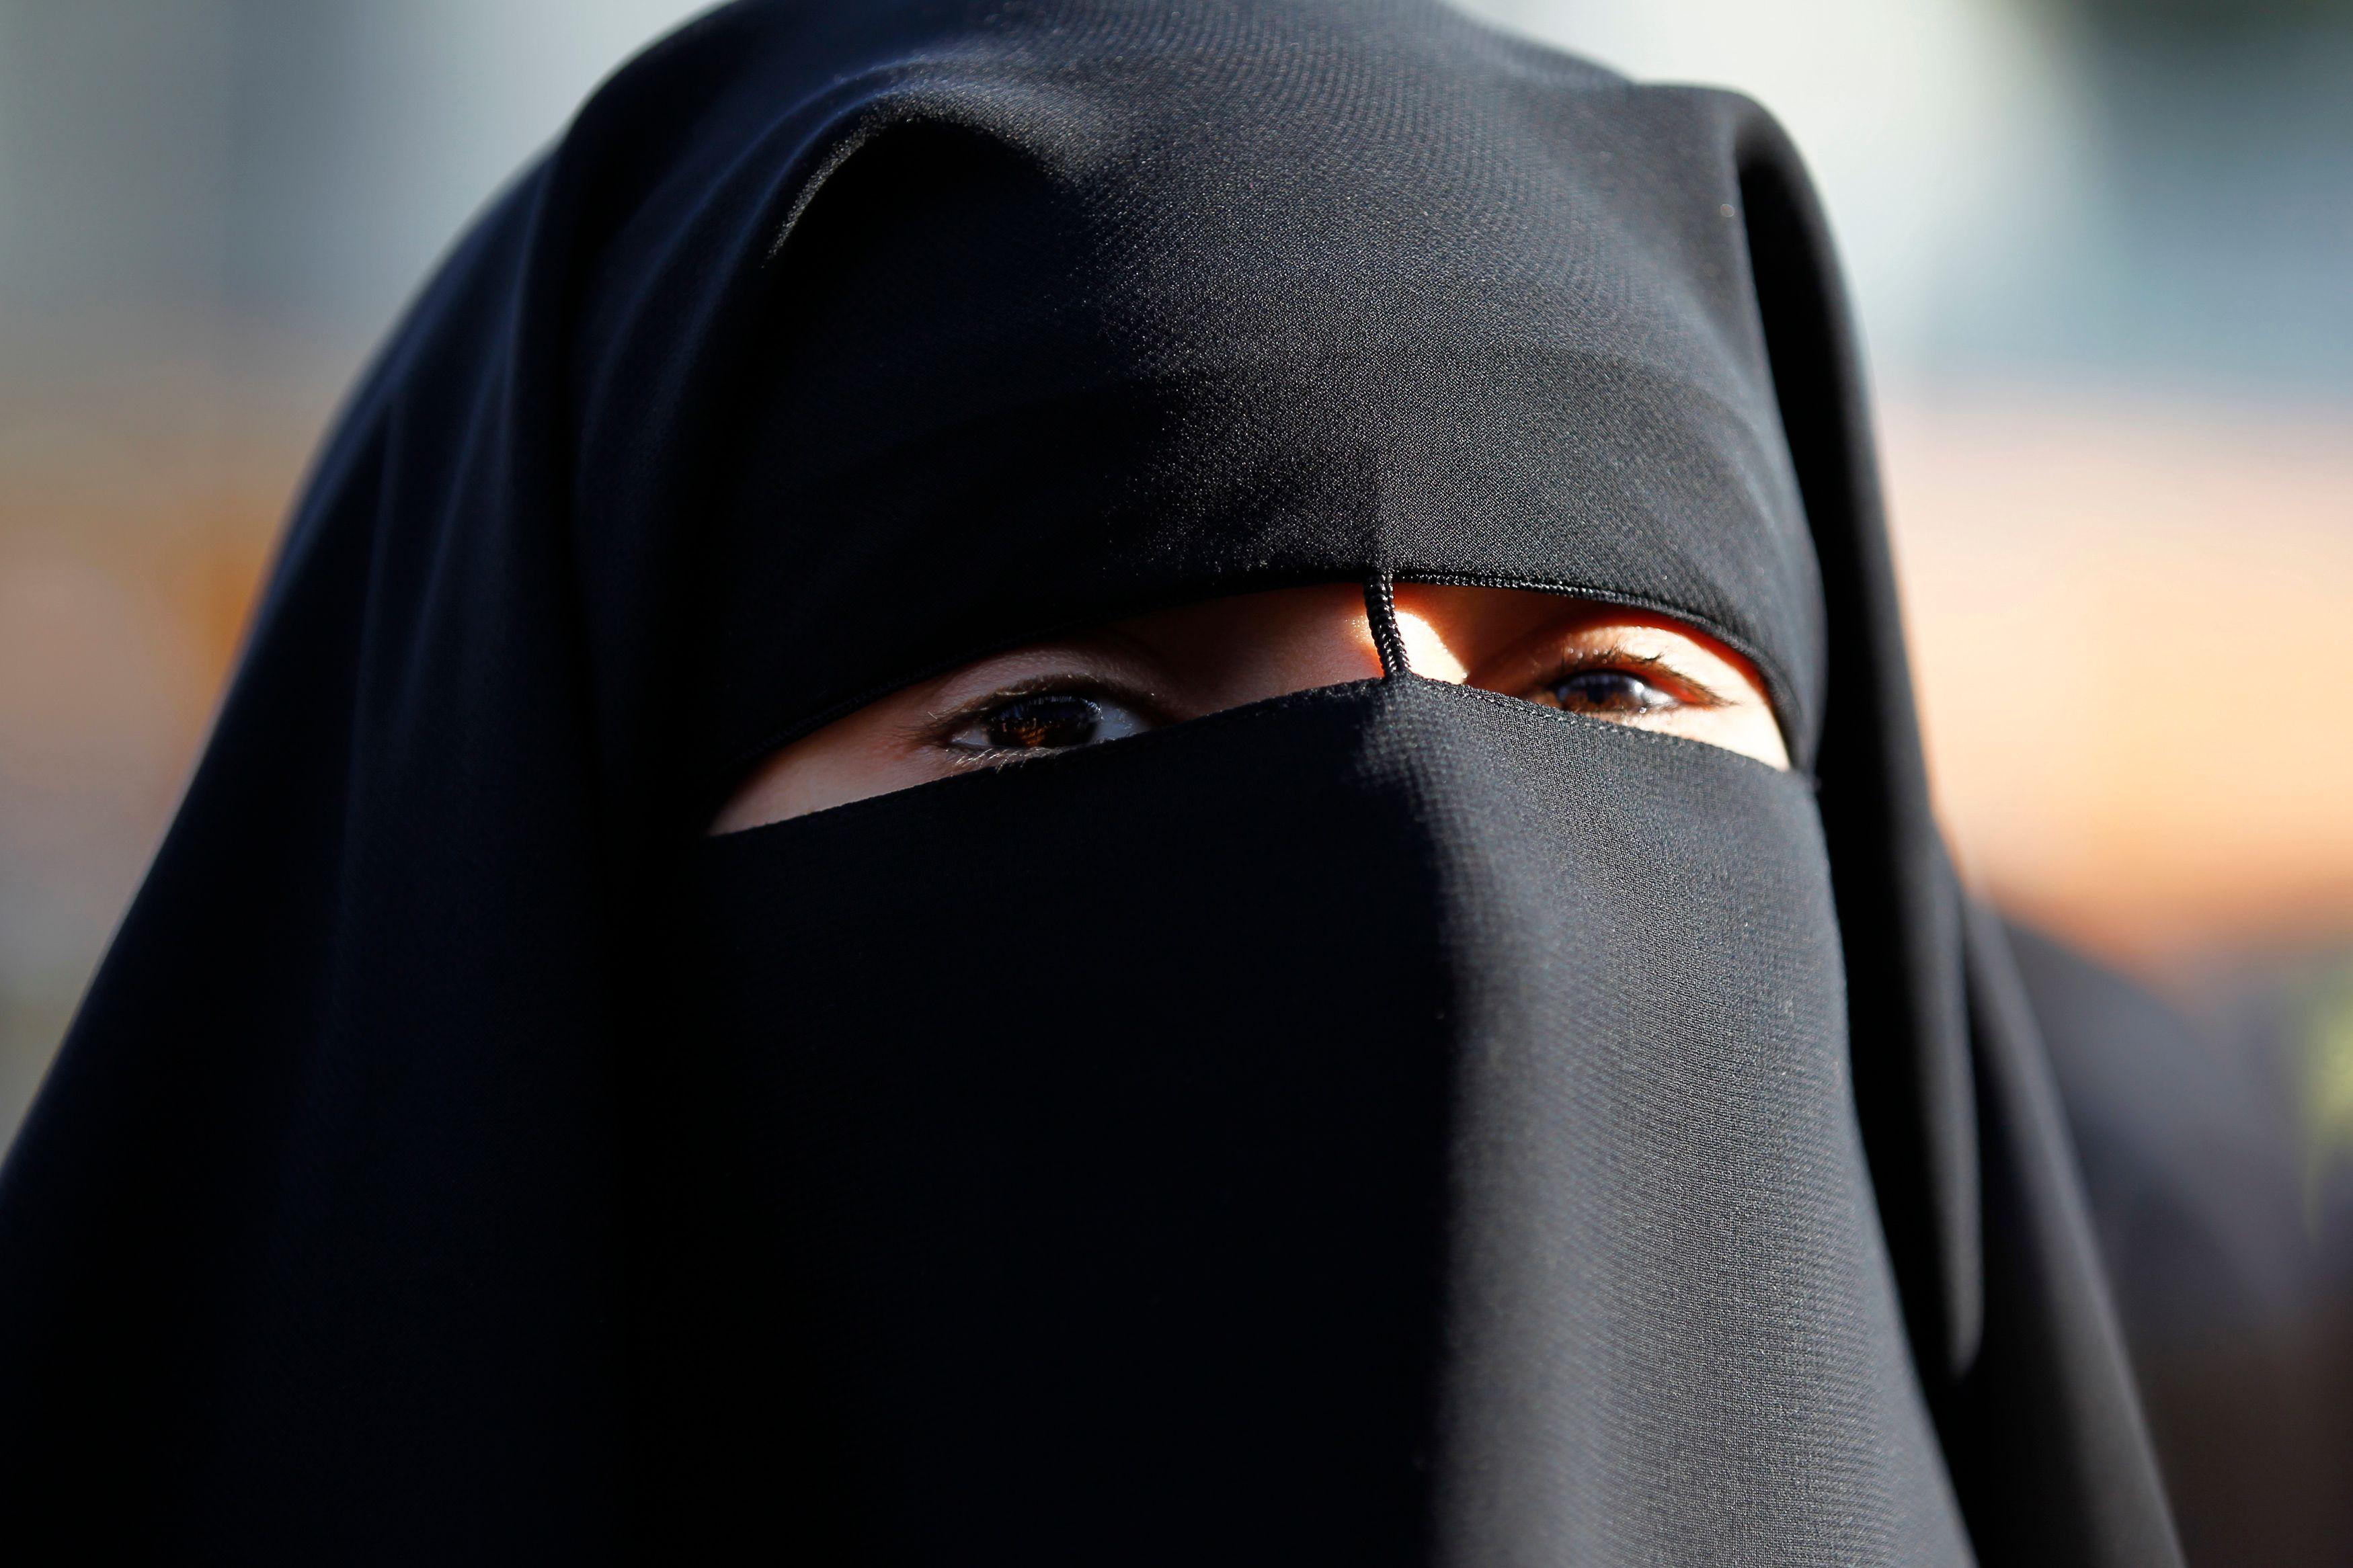 Des plages réservées aux femmes voilées ont déjà été créées en Turquie et à Dubaï.